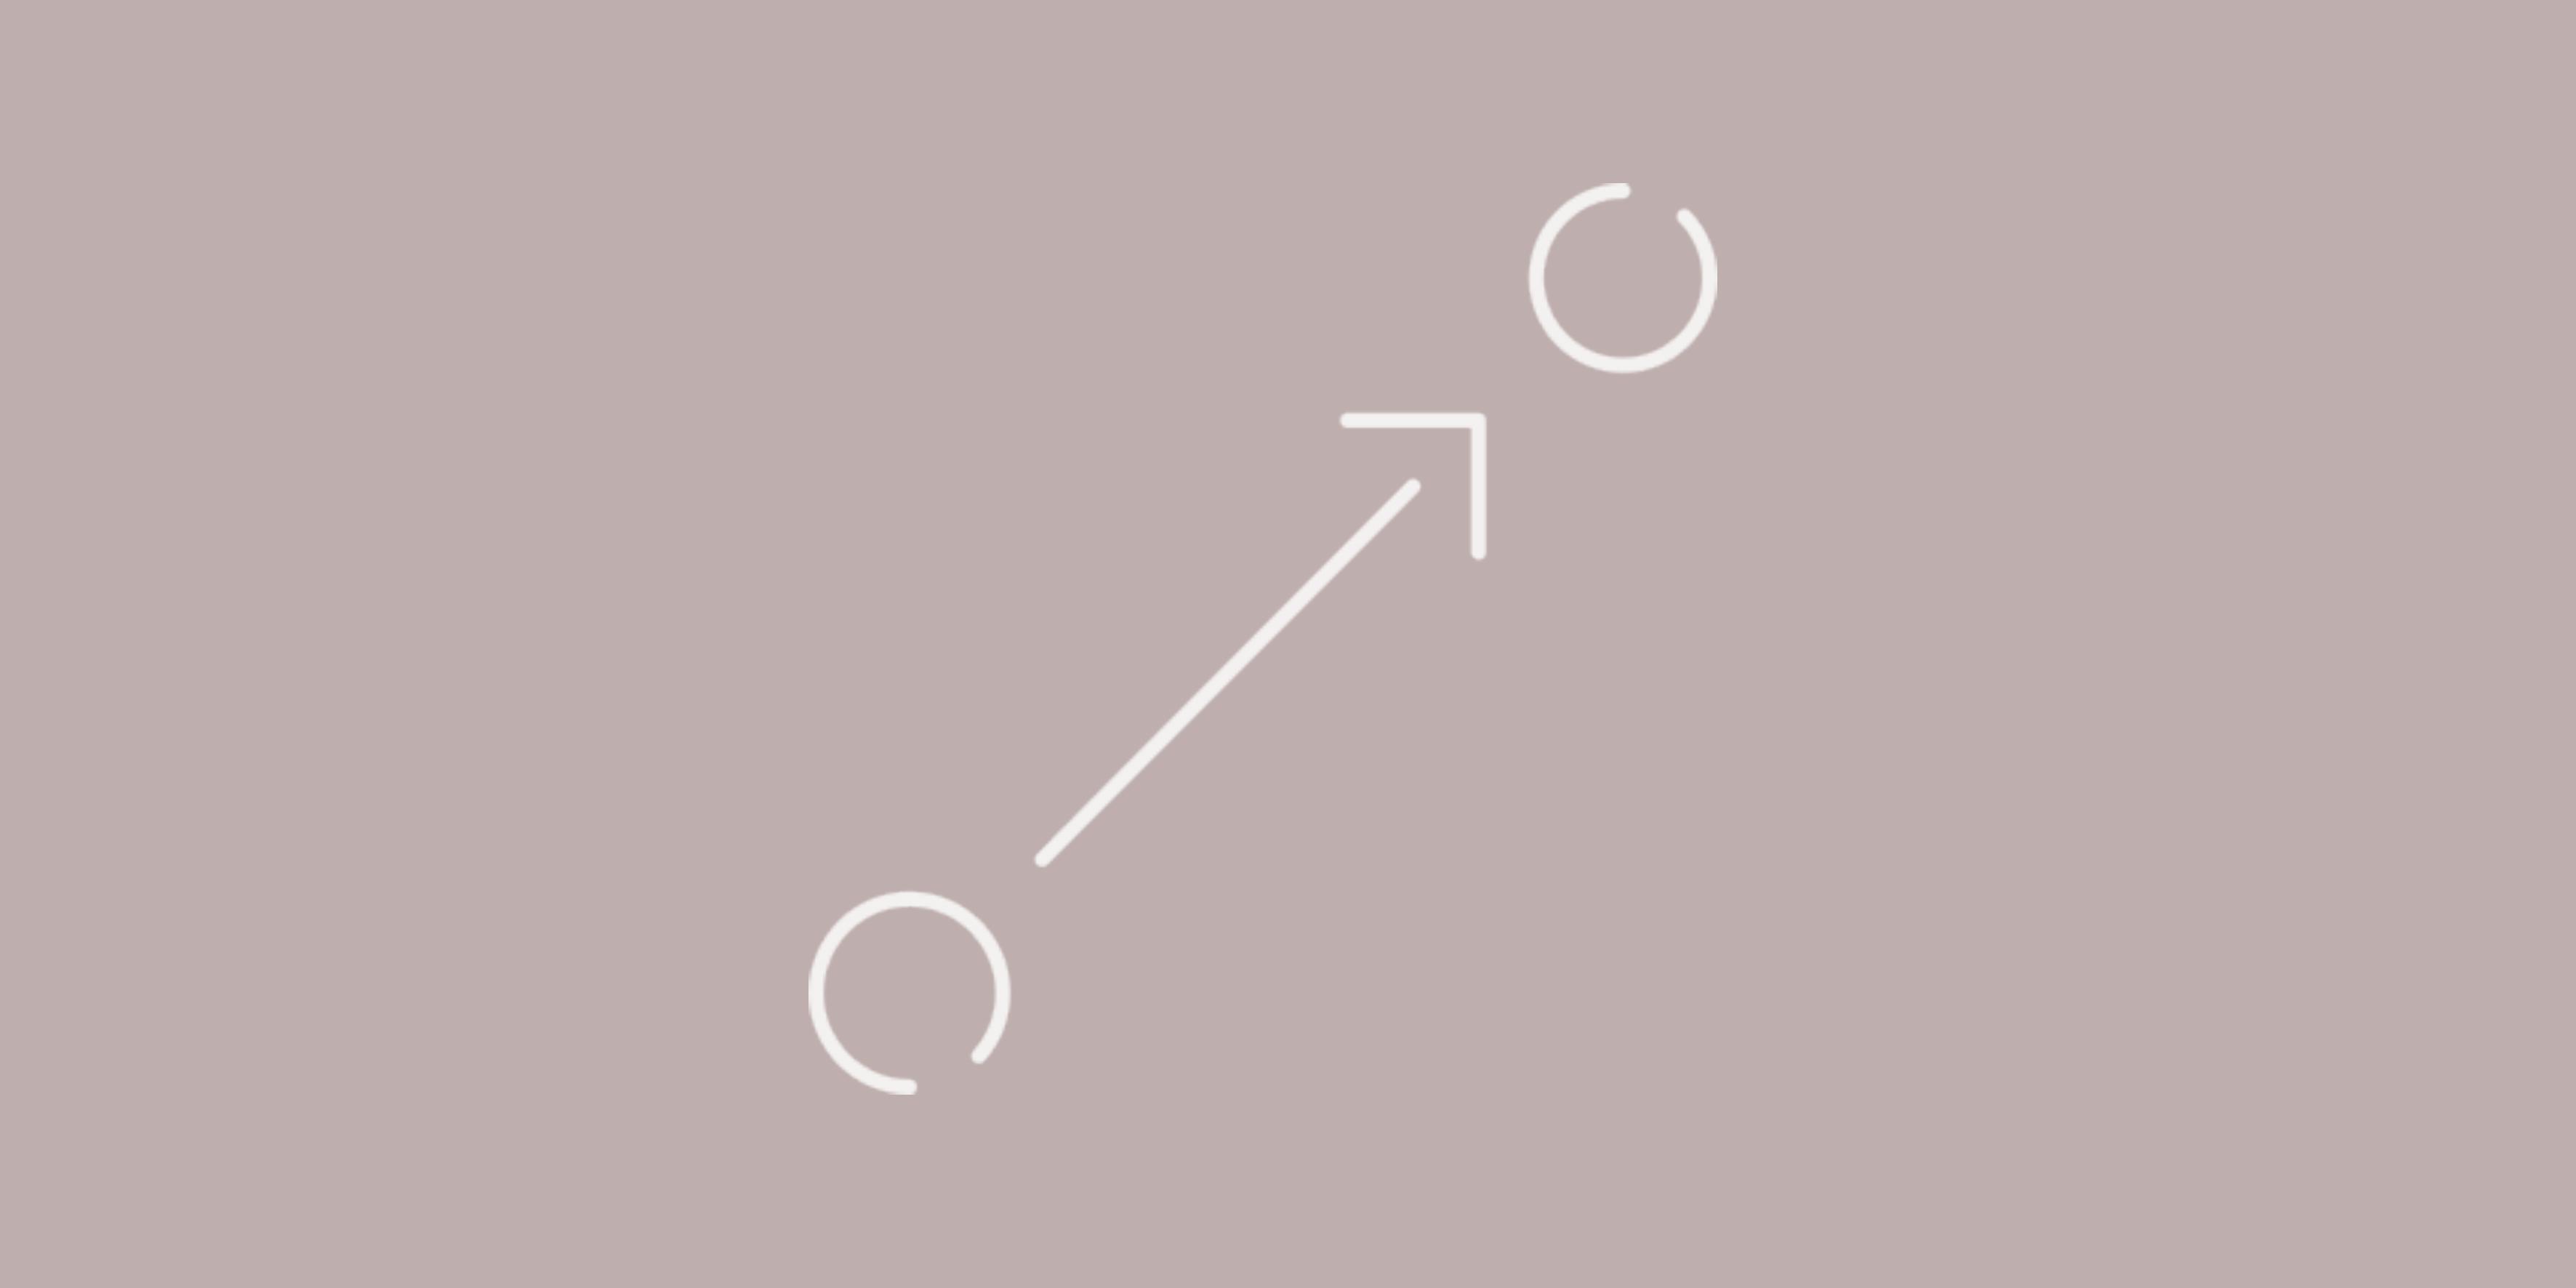 Als Symbolbild für Strategie sind zwei Kreise dargestellt, die durch einen Pfeil miteinander verbunden werden.